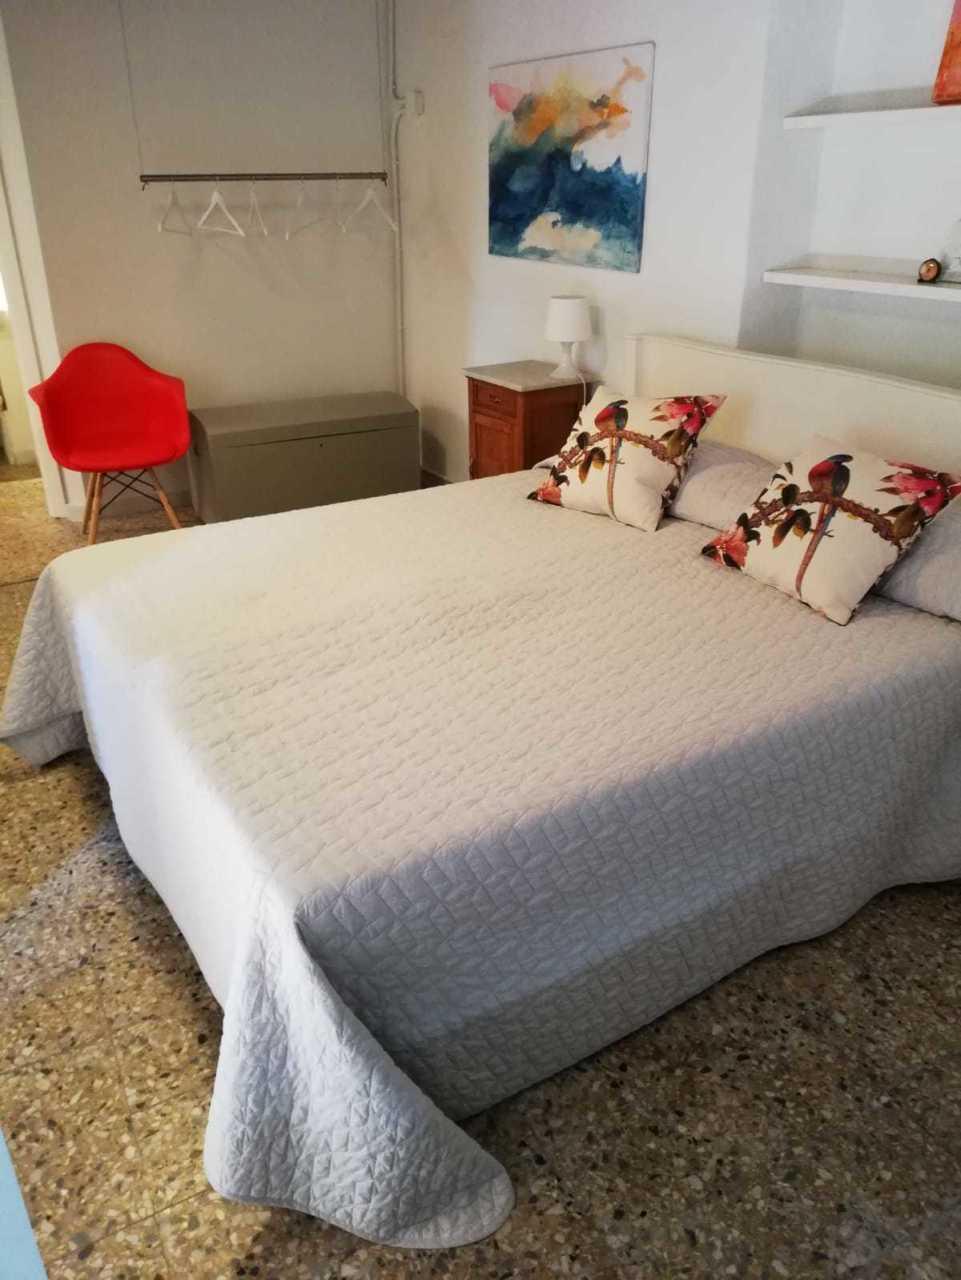 Appartamento in affitto a Riccò del Golfo di Spezia, 2 locali, prezzo € 500 | PortaleAgenzieImmobiliari.it